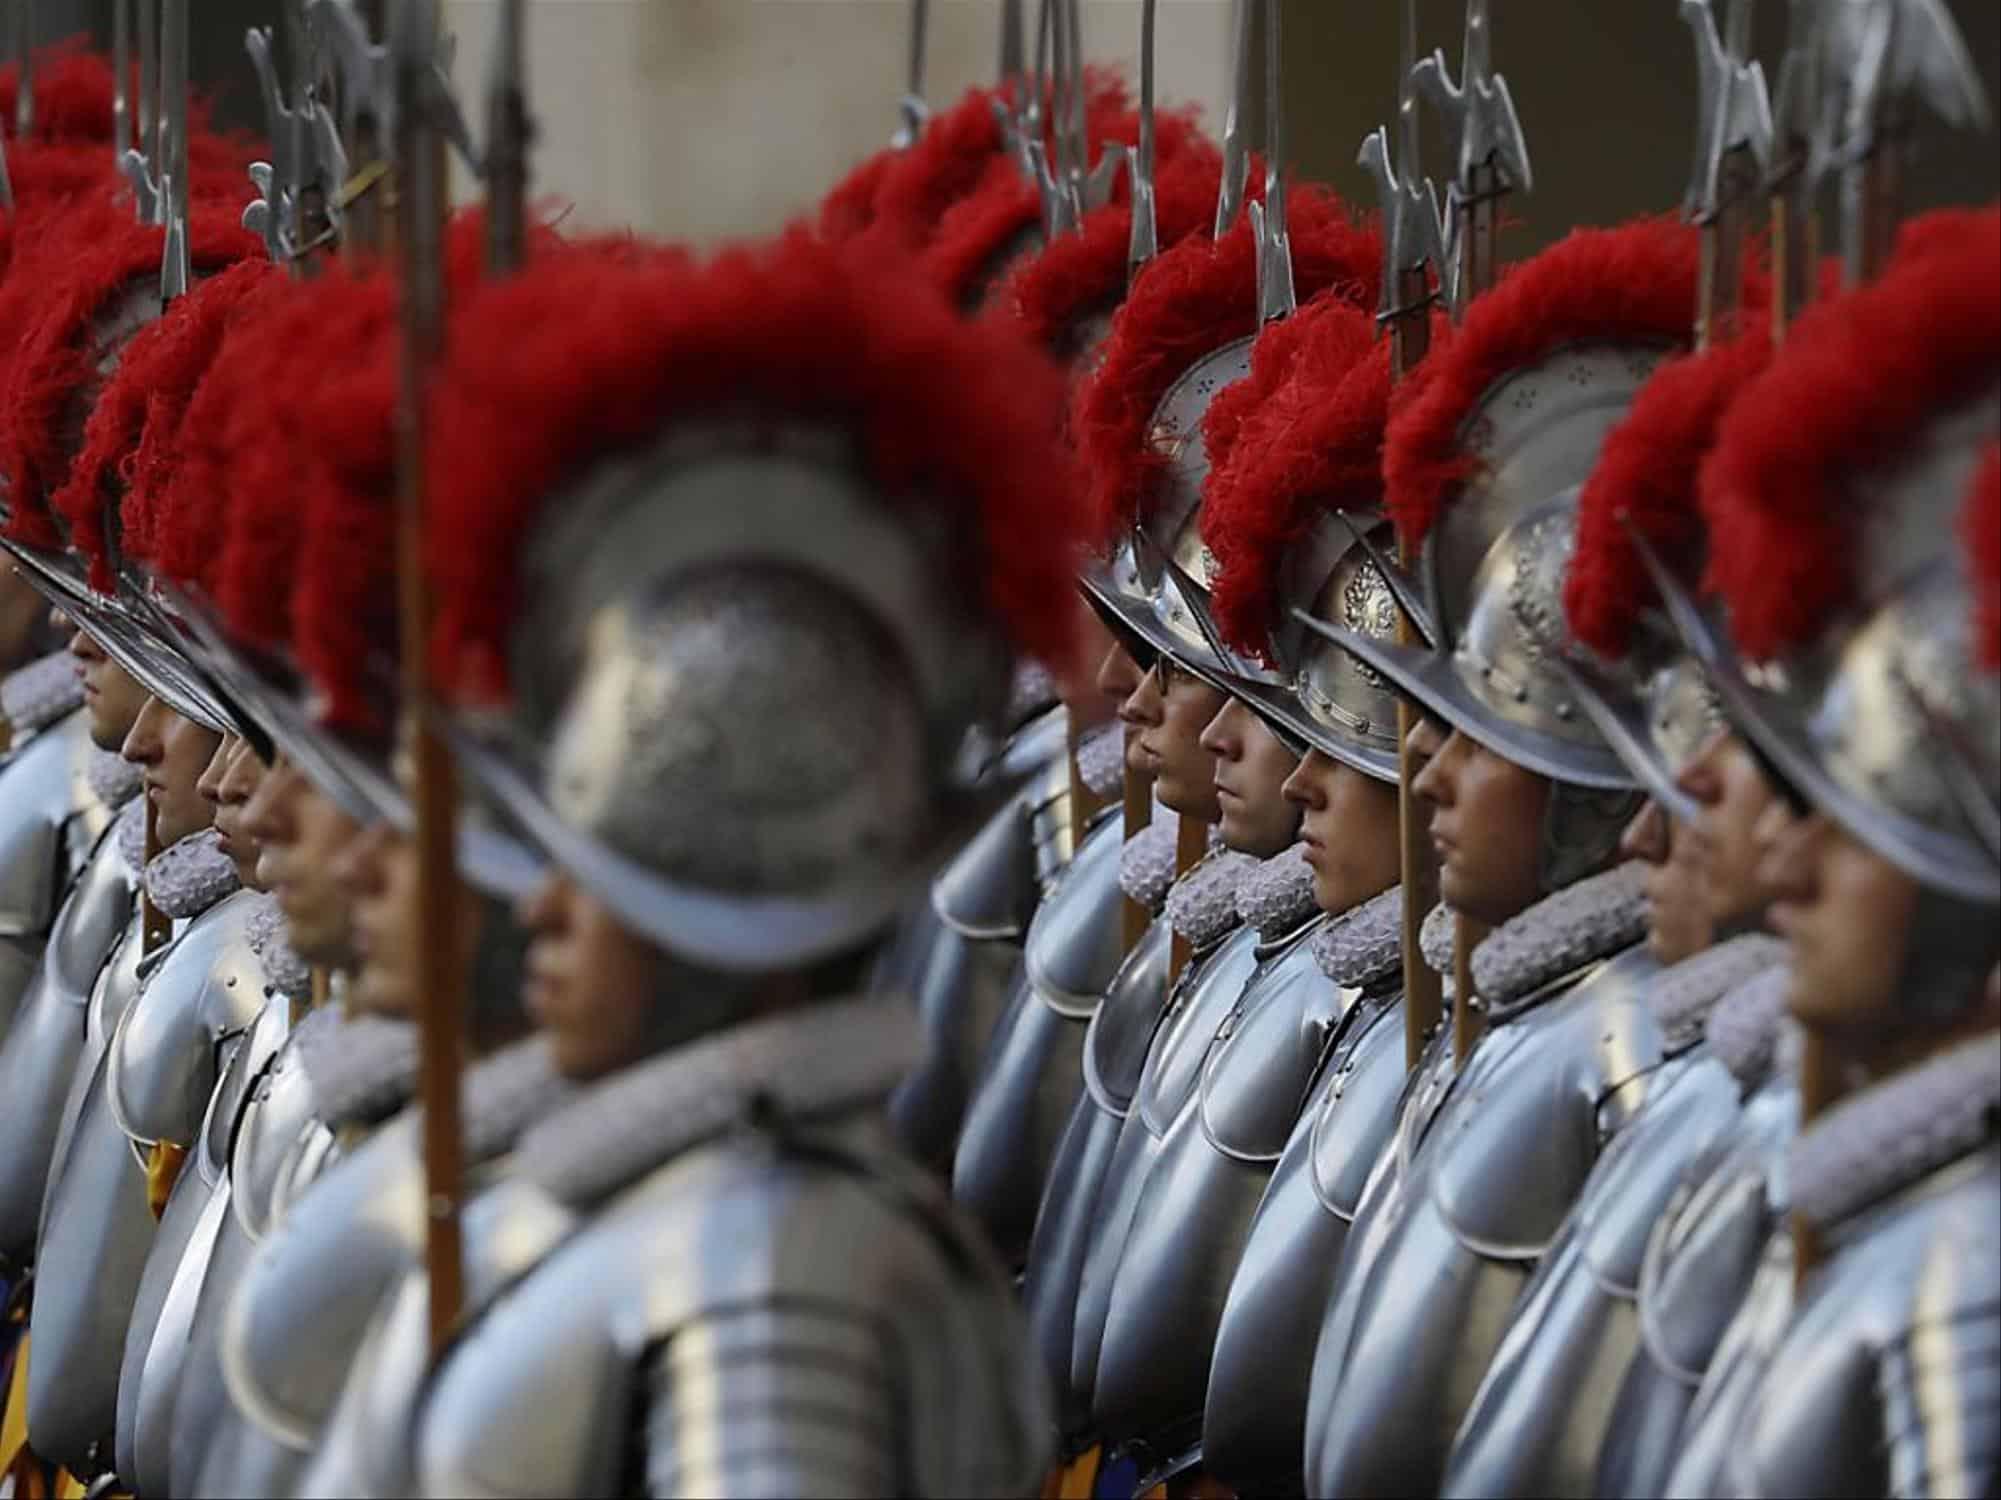 Vatican : Trente-huit nouveaux gardes du pape assermentés